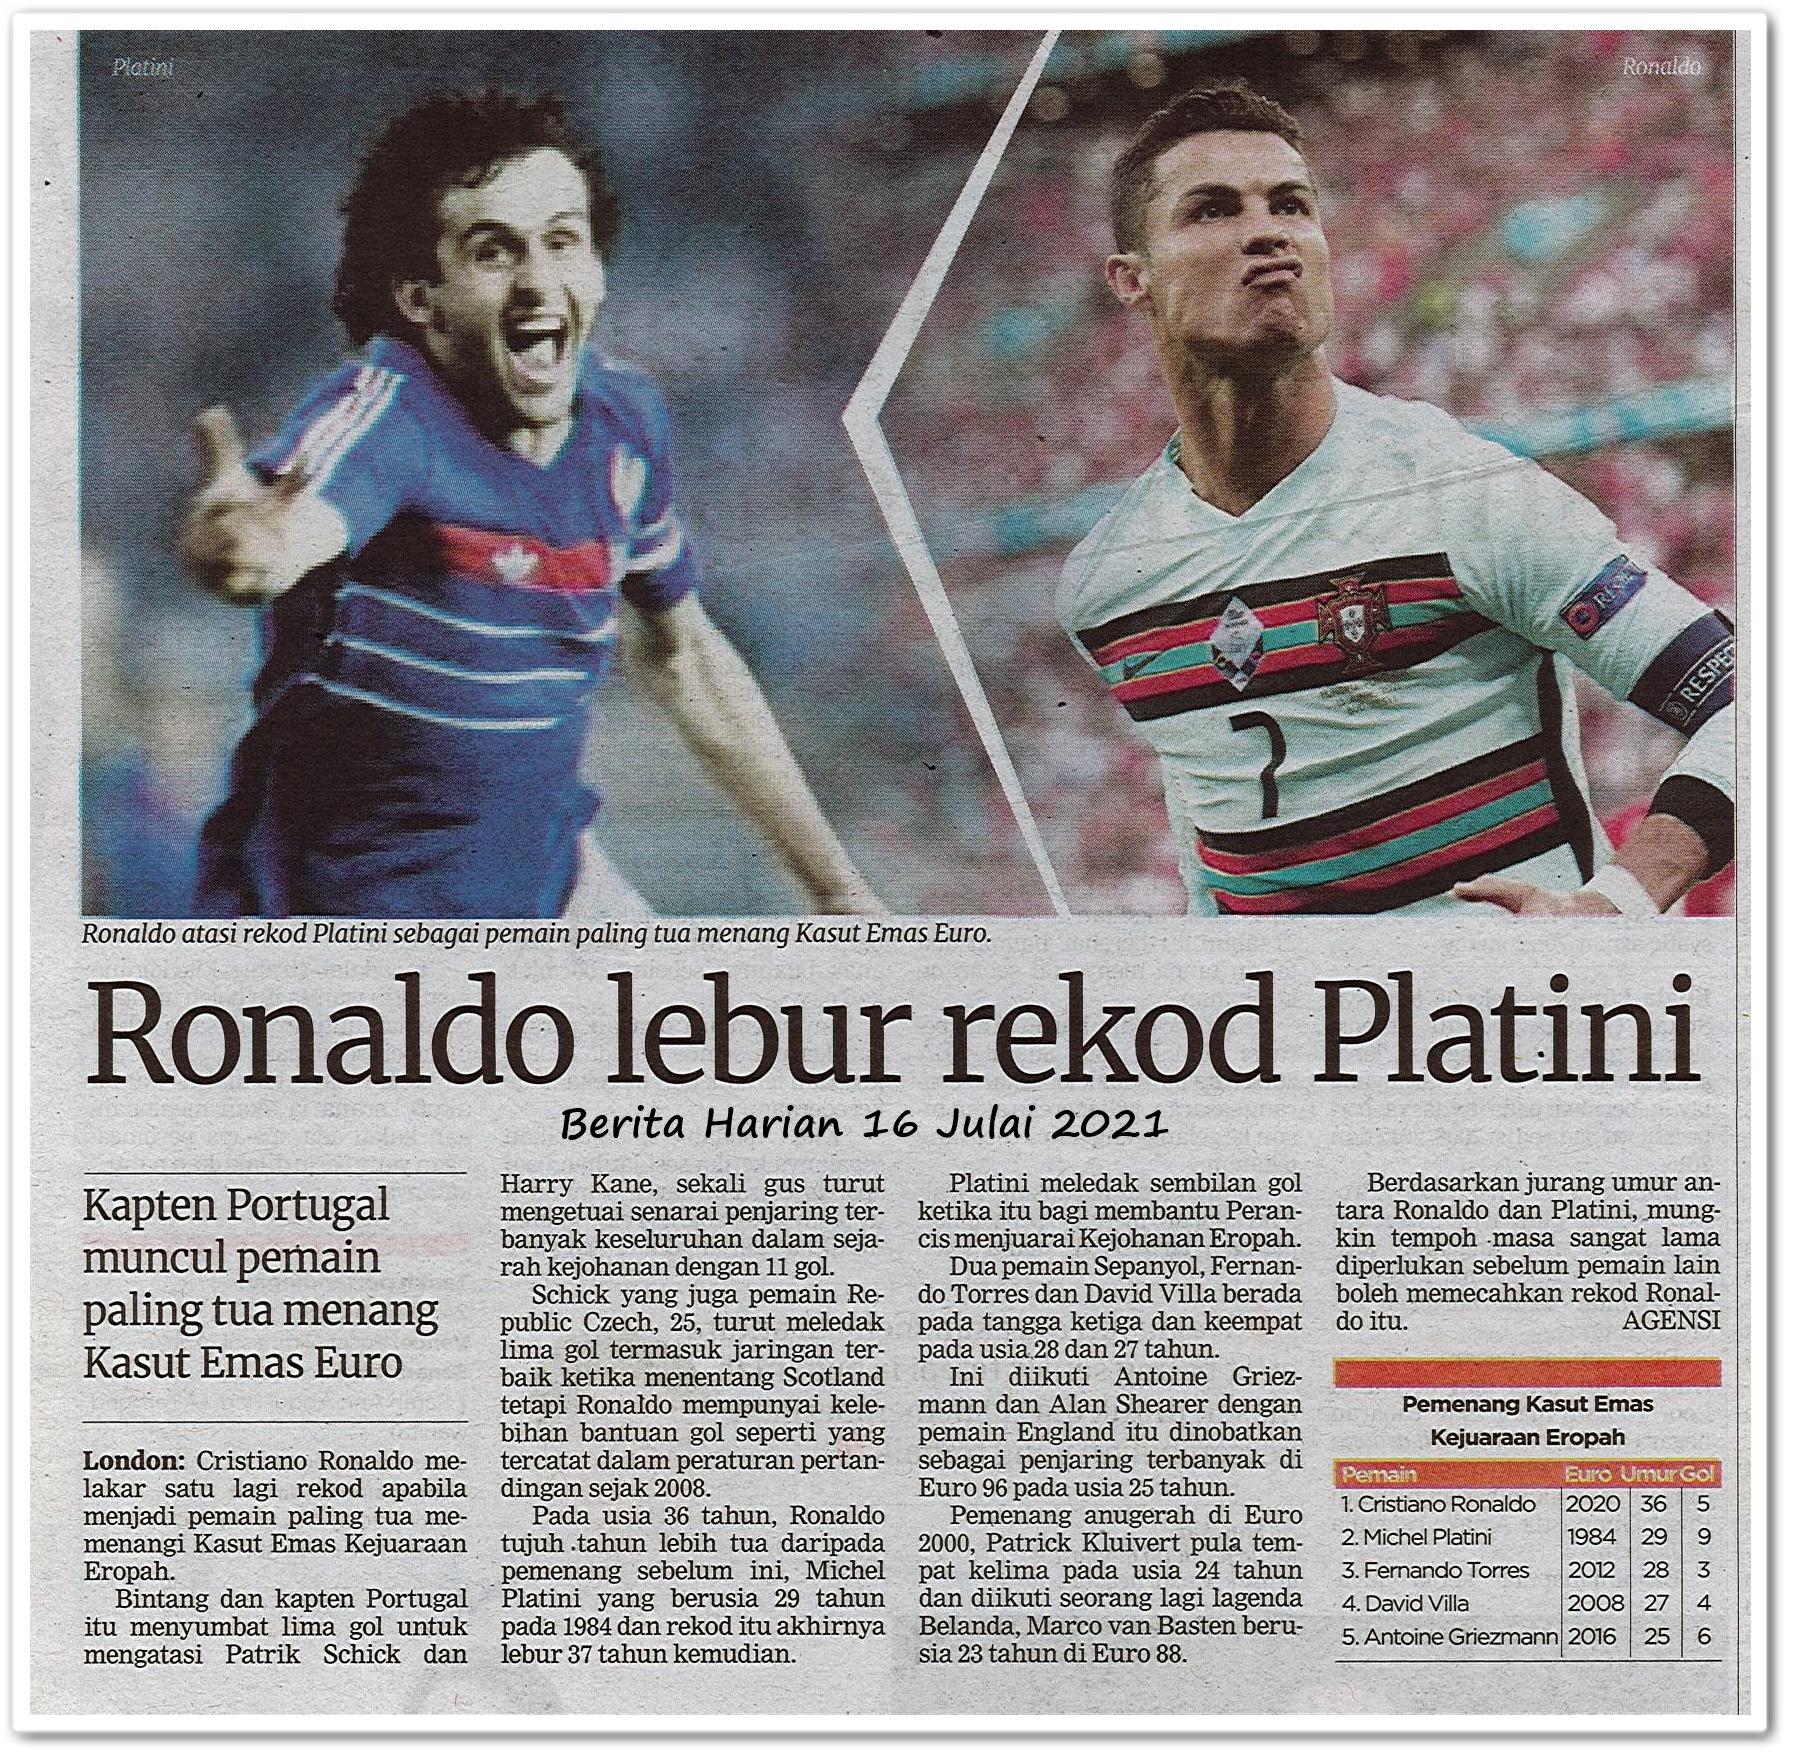 Ronaldo lebur rekod Platini - Keratan akhbar Berita Harian 16 Julai 2021